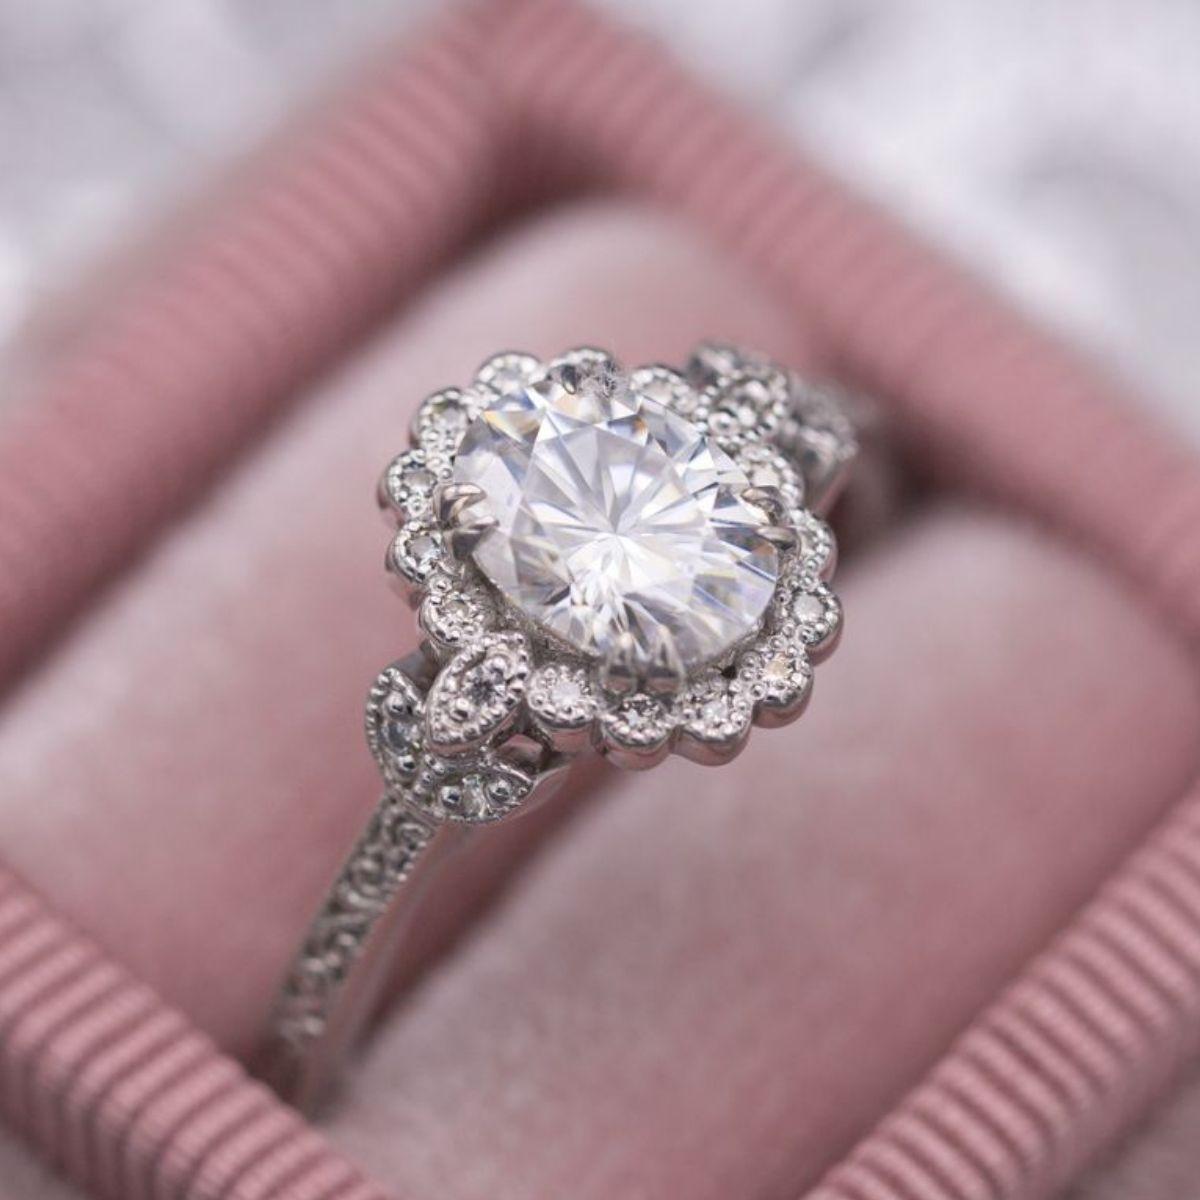 moissanite - ethical engagement ring